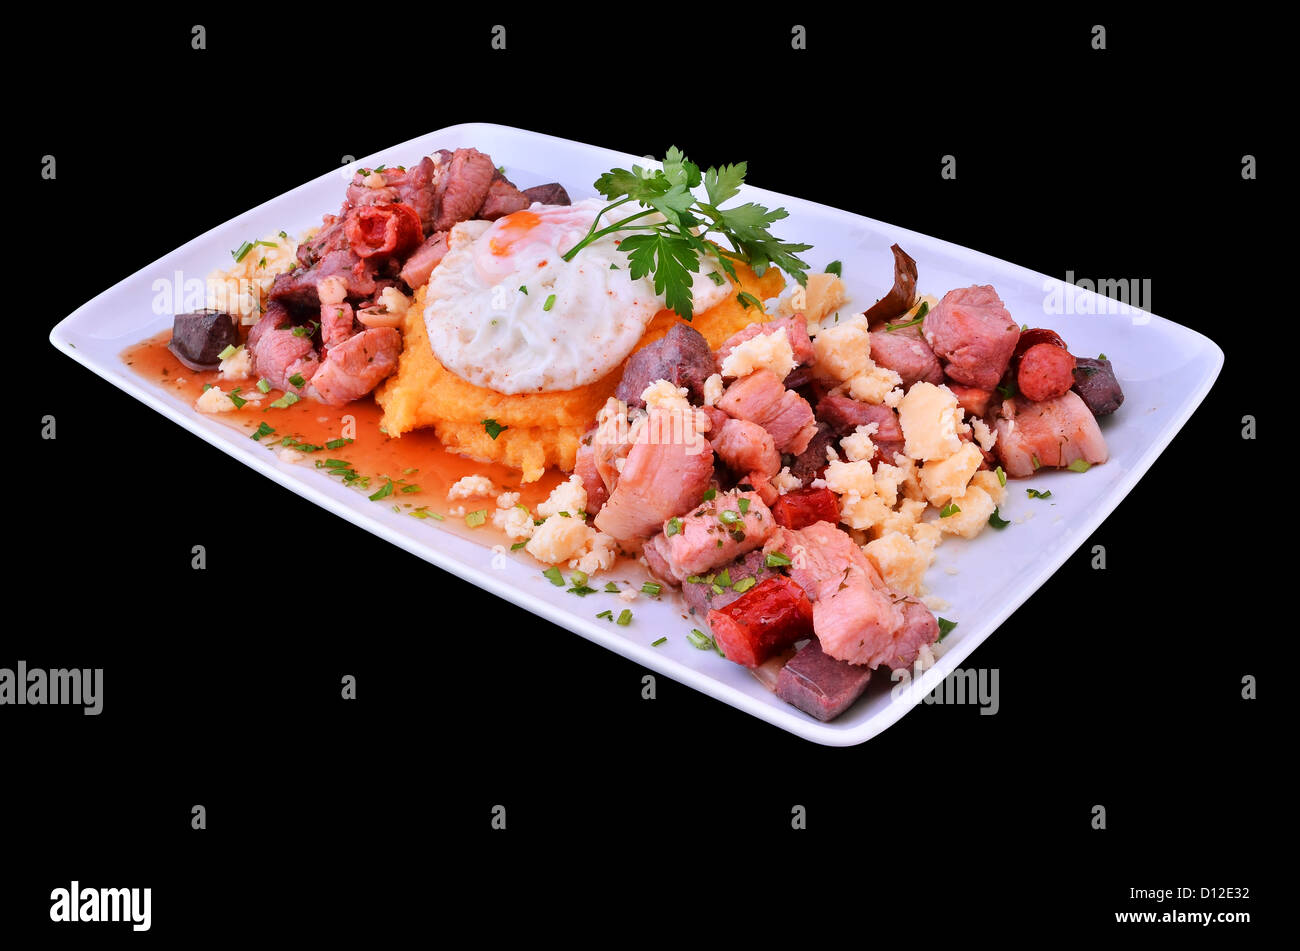 Trozos de carne de cerdo cocinada pan con ajo, queso tradicional, huevo frito y polenta (rumano: pomana porcului). Imagen De Stock